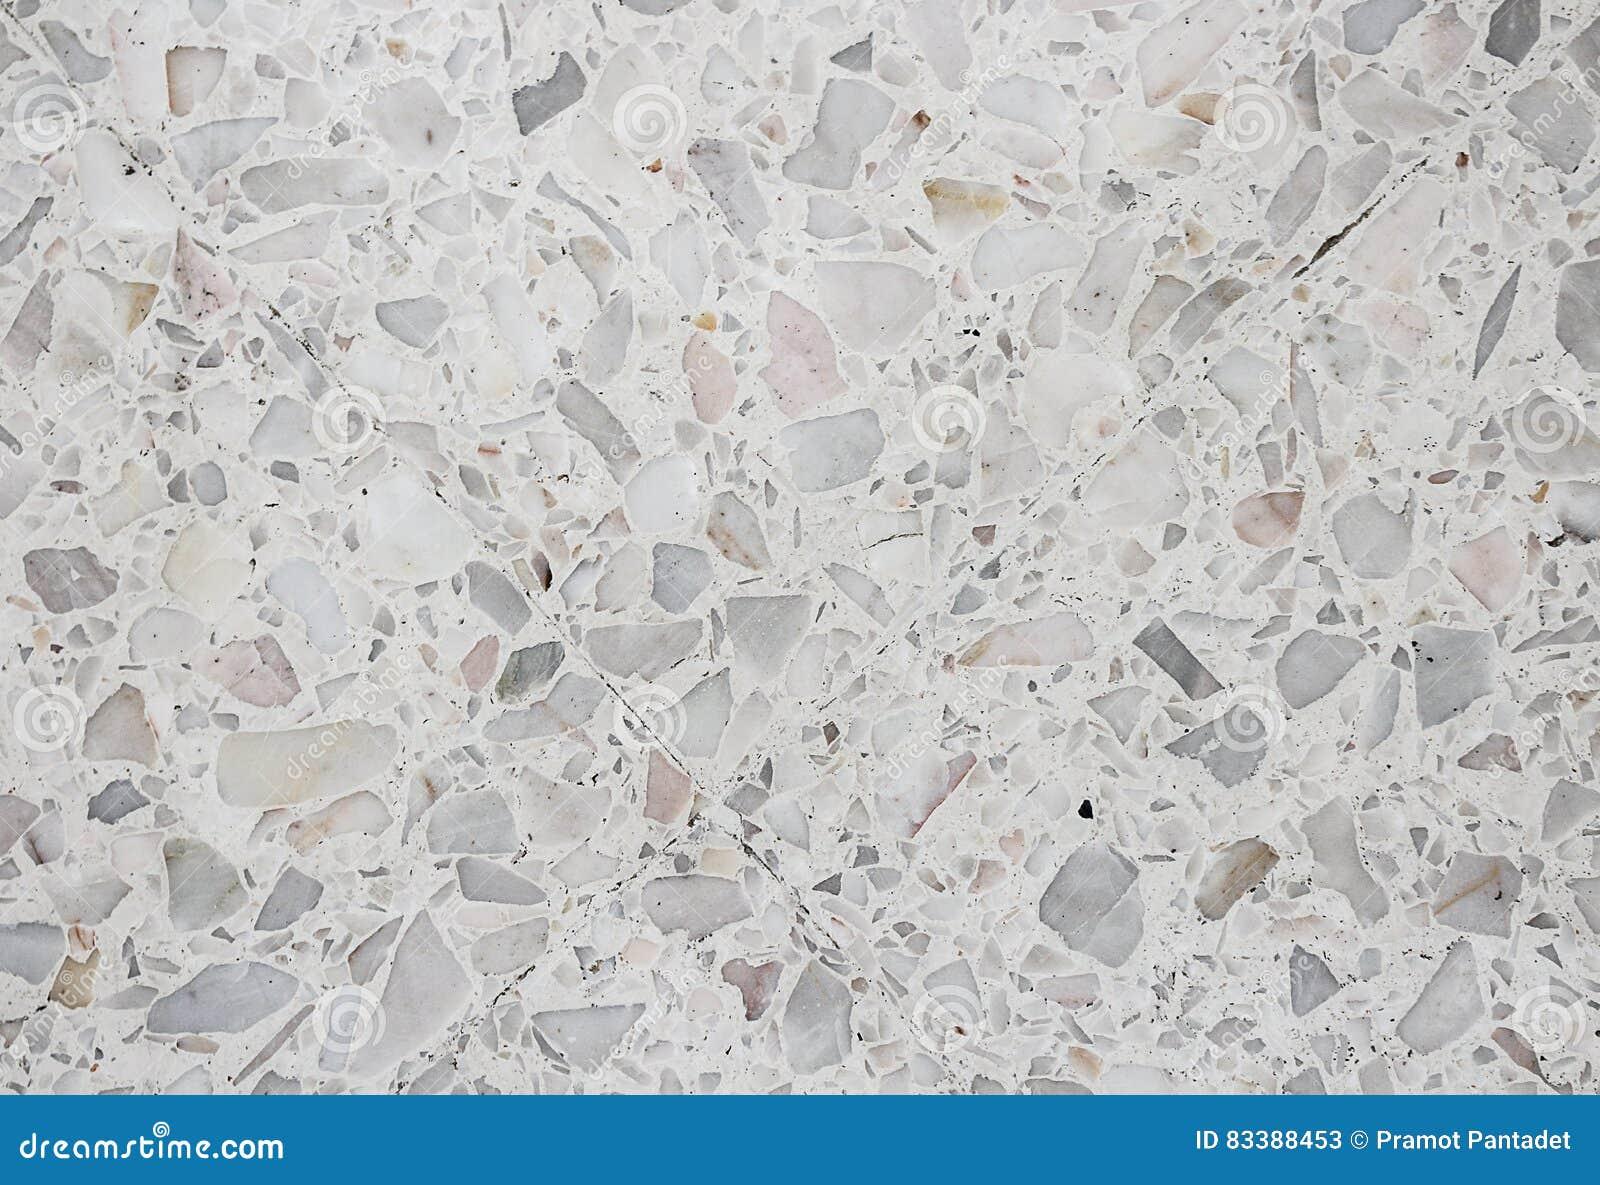 terrazzo floor background stock - photo #7